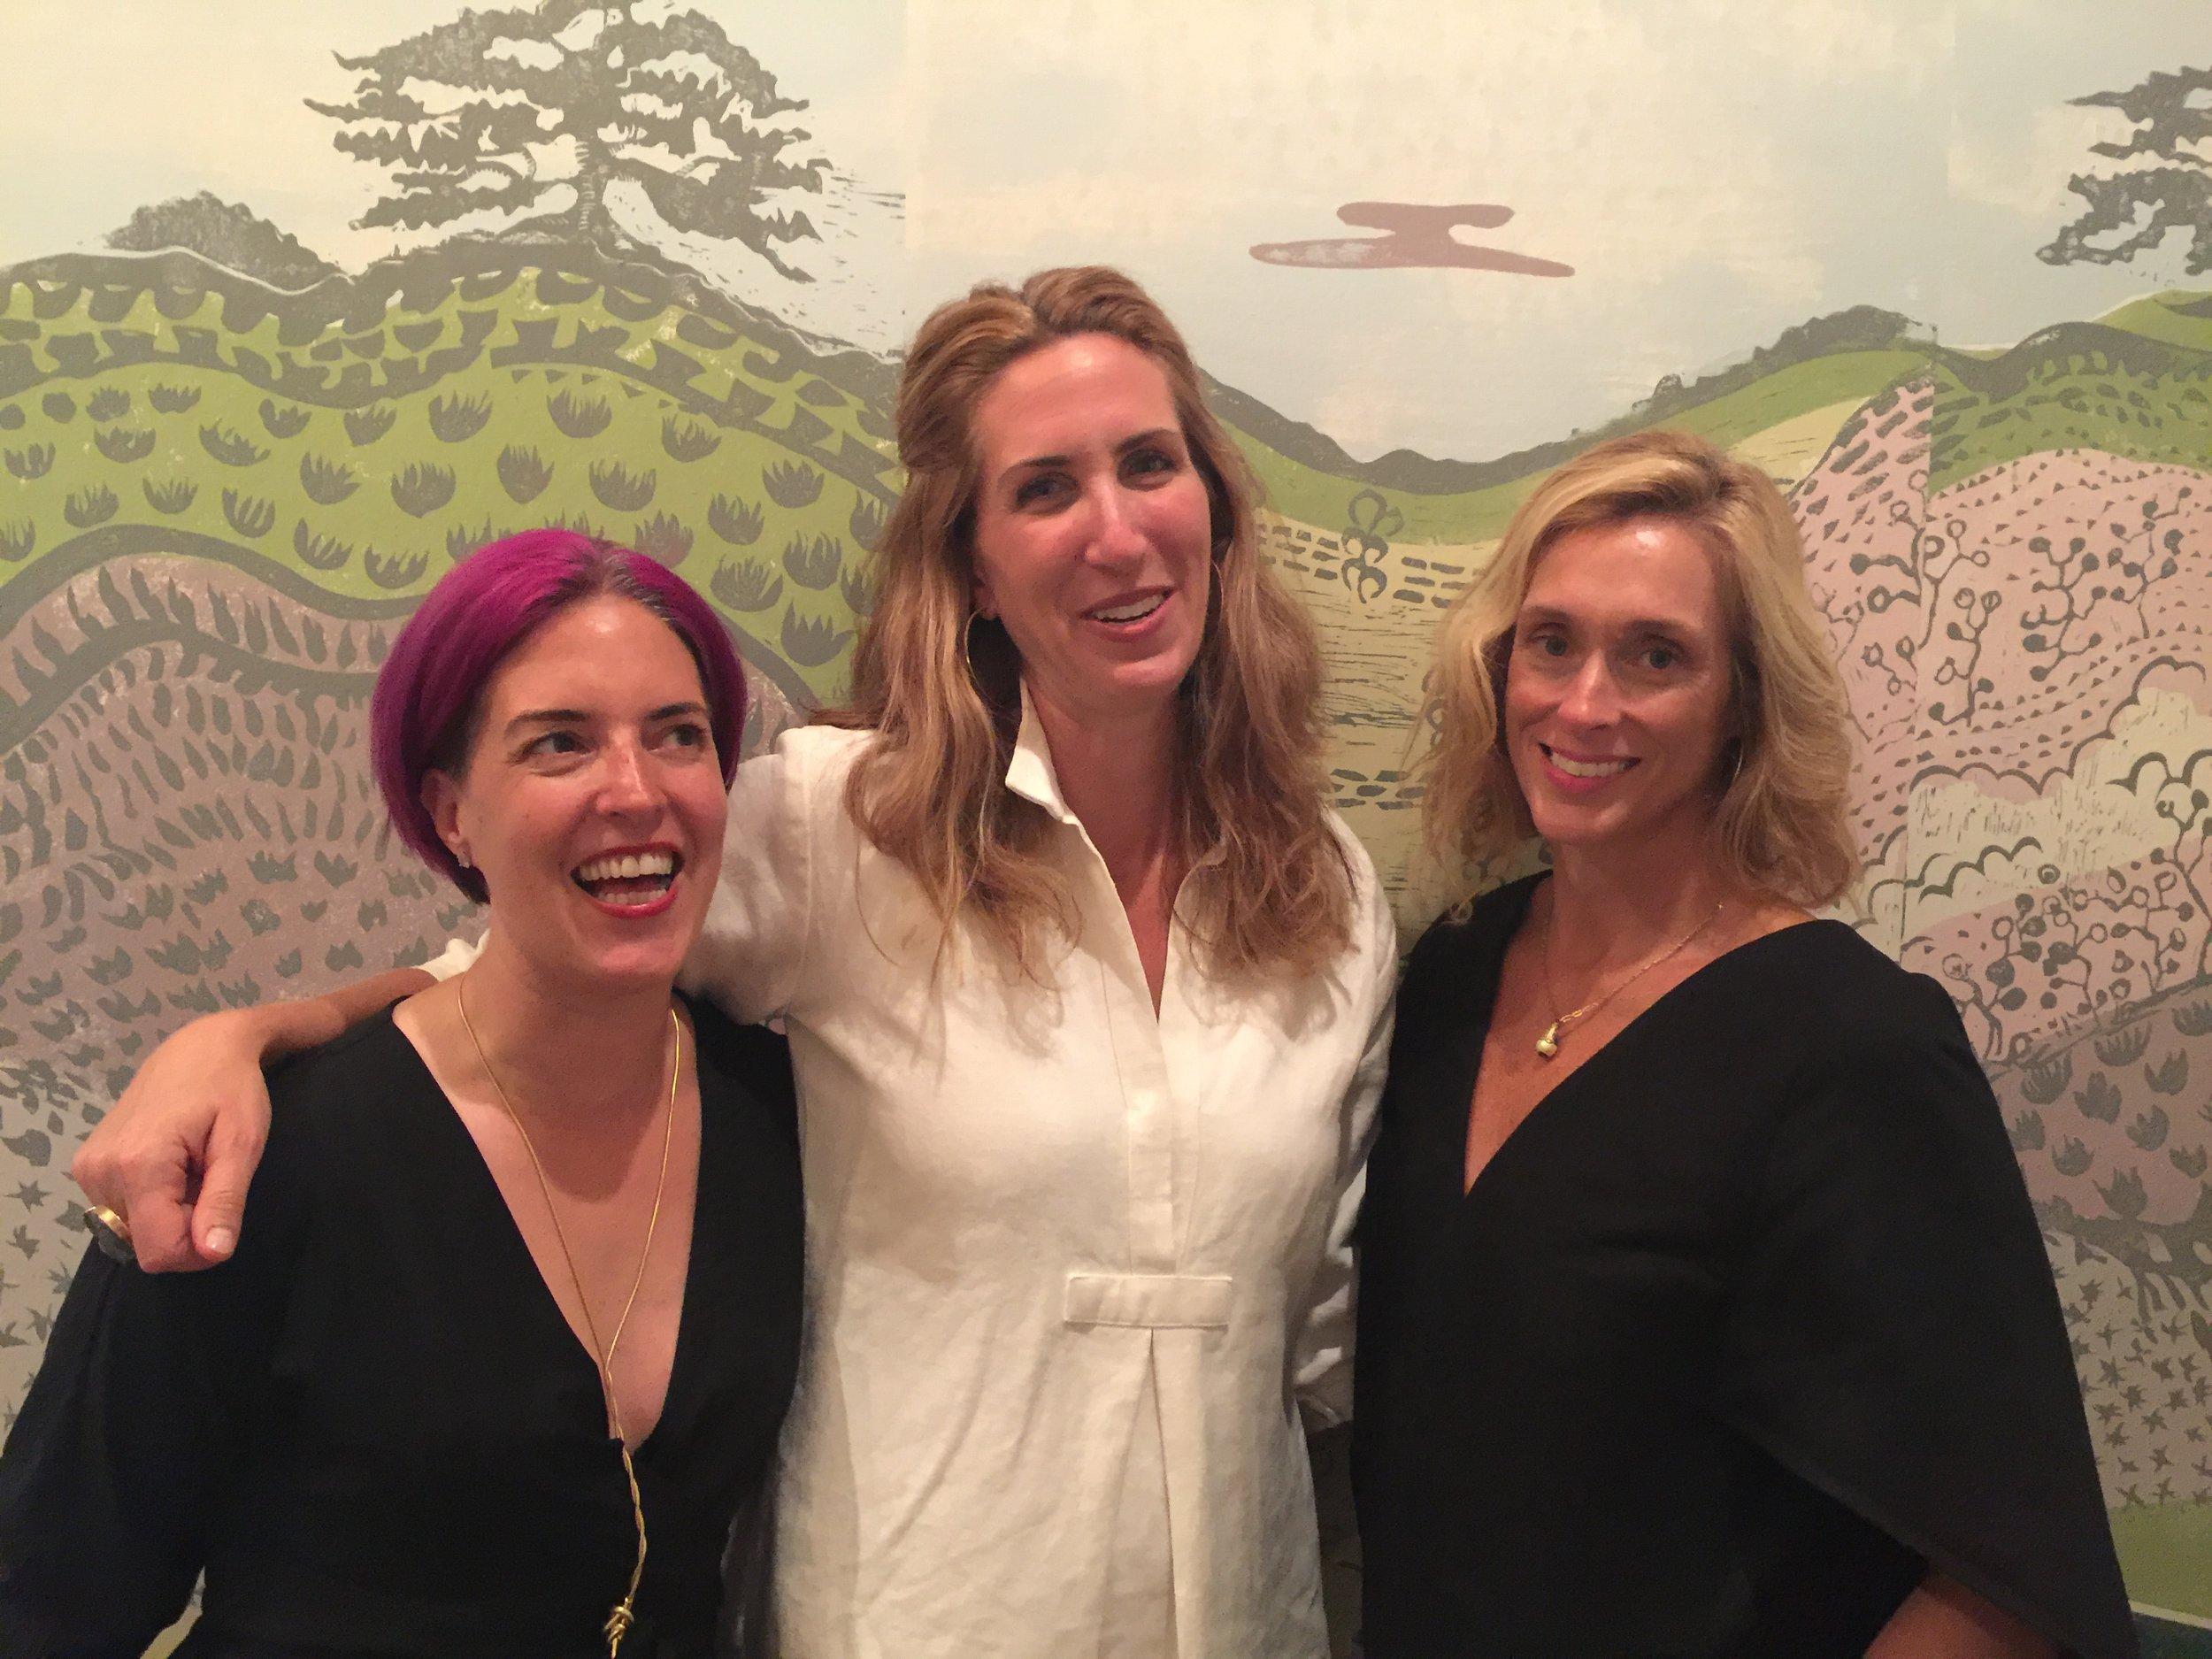 CLOTH & KIND + Paper Mills // Amy Mills, Krista Nye Nicholas & Tami Ramsay